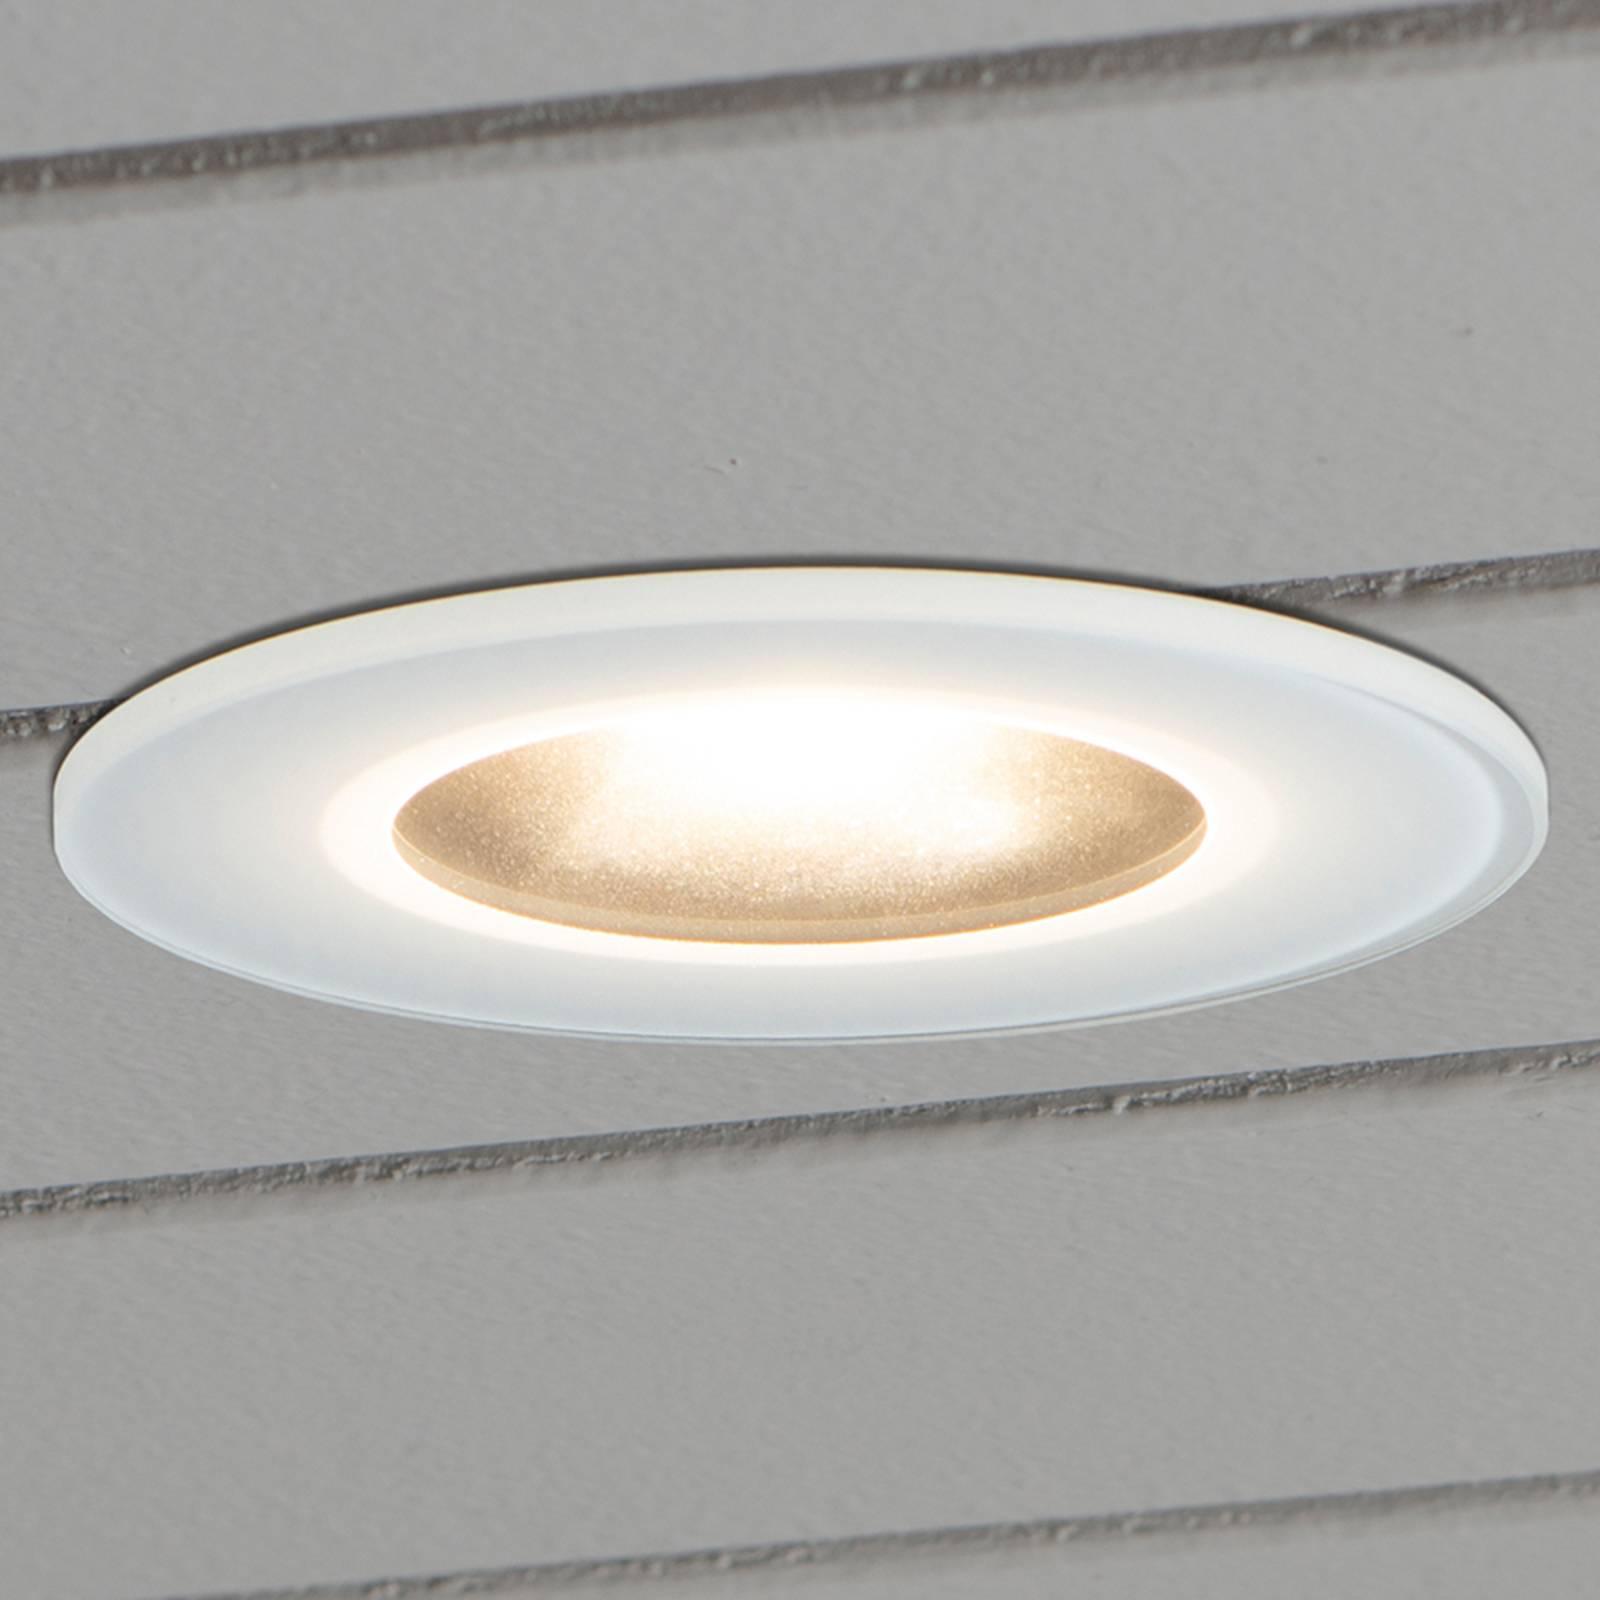 LED-uppovalo 7875, katto, ulkokäyttöön valkoinen